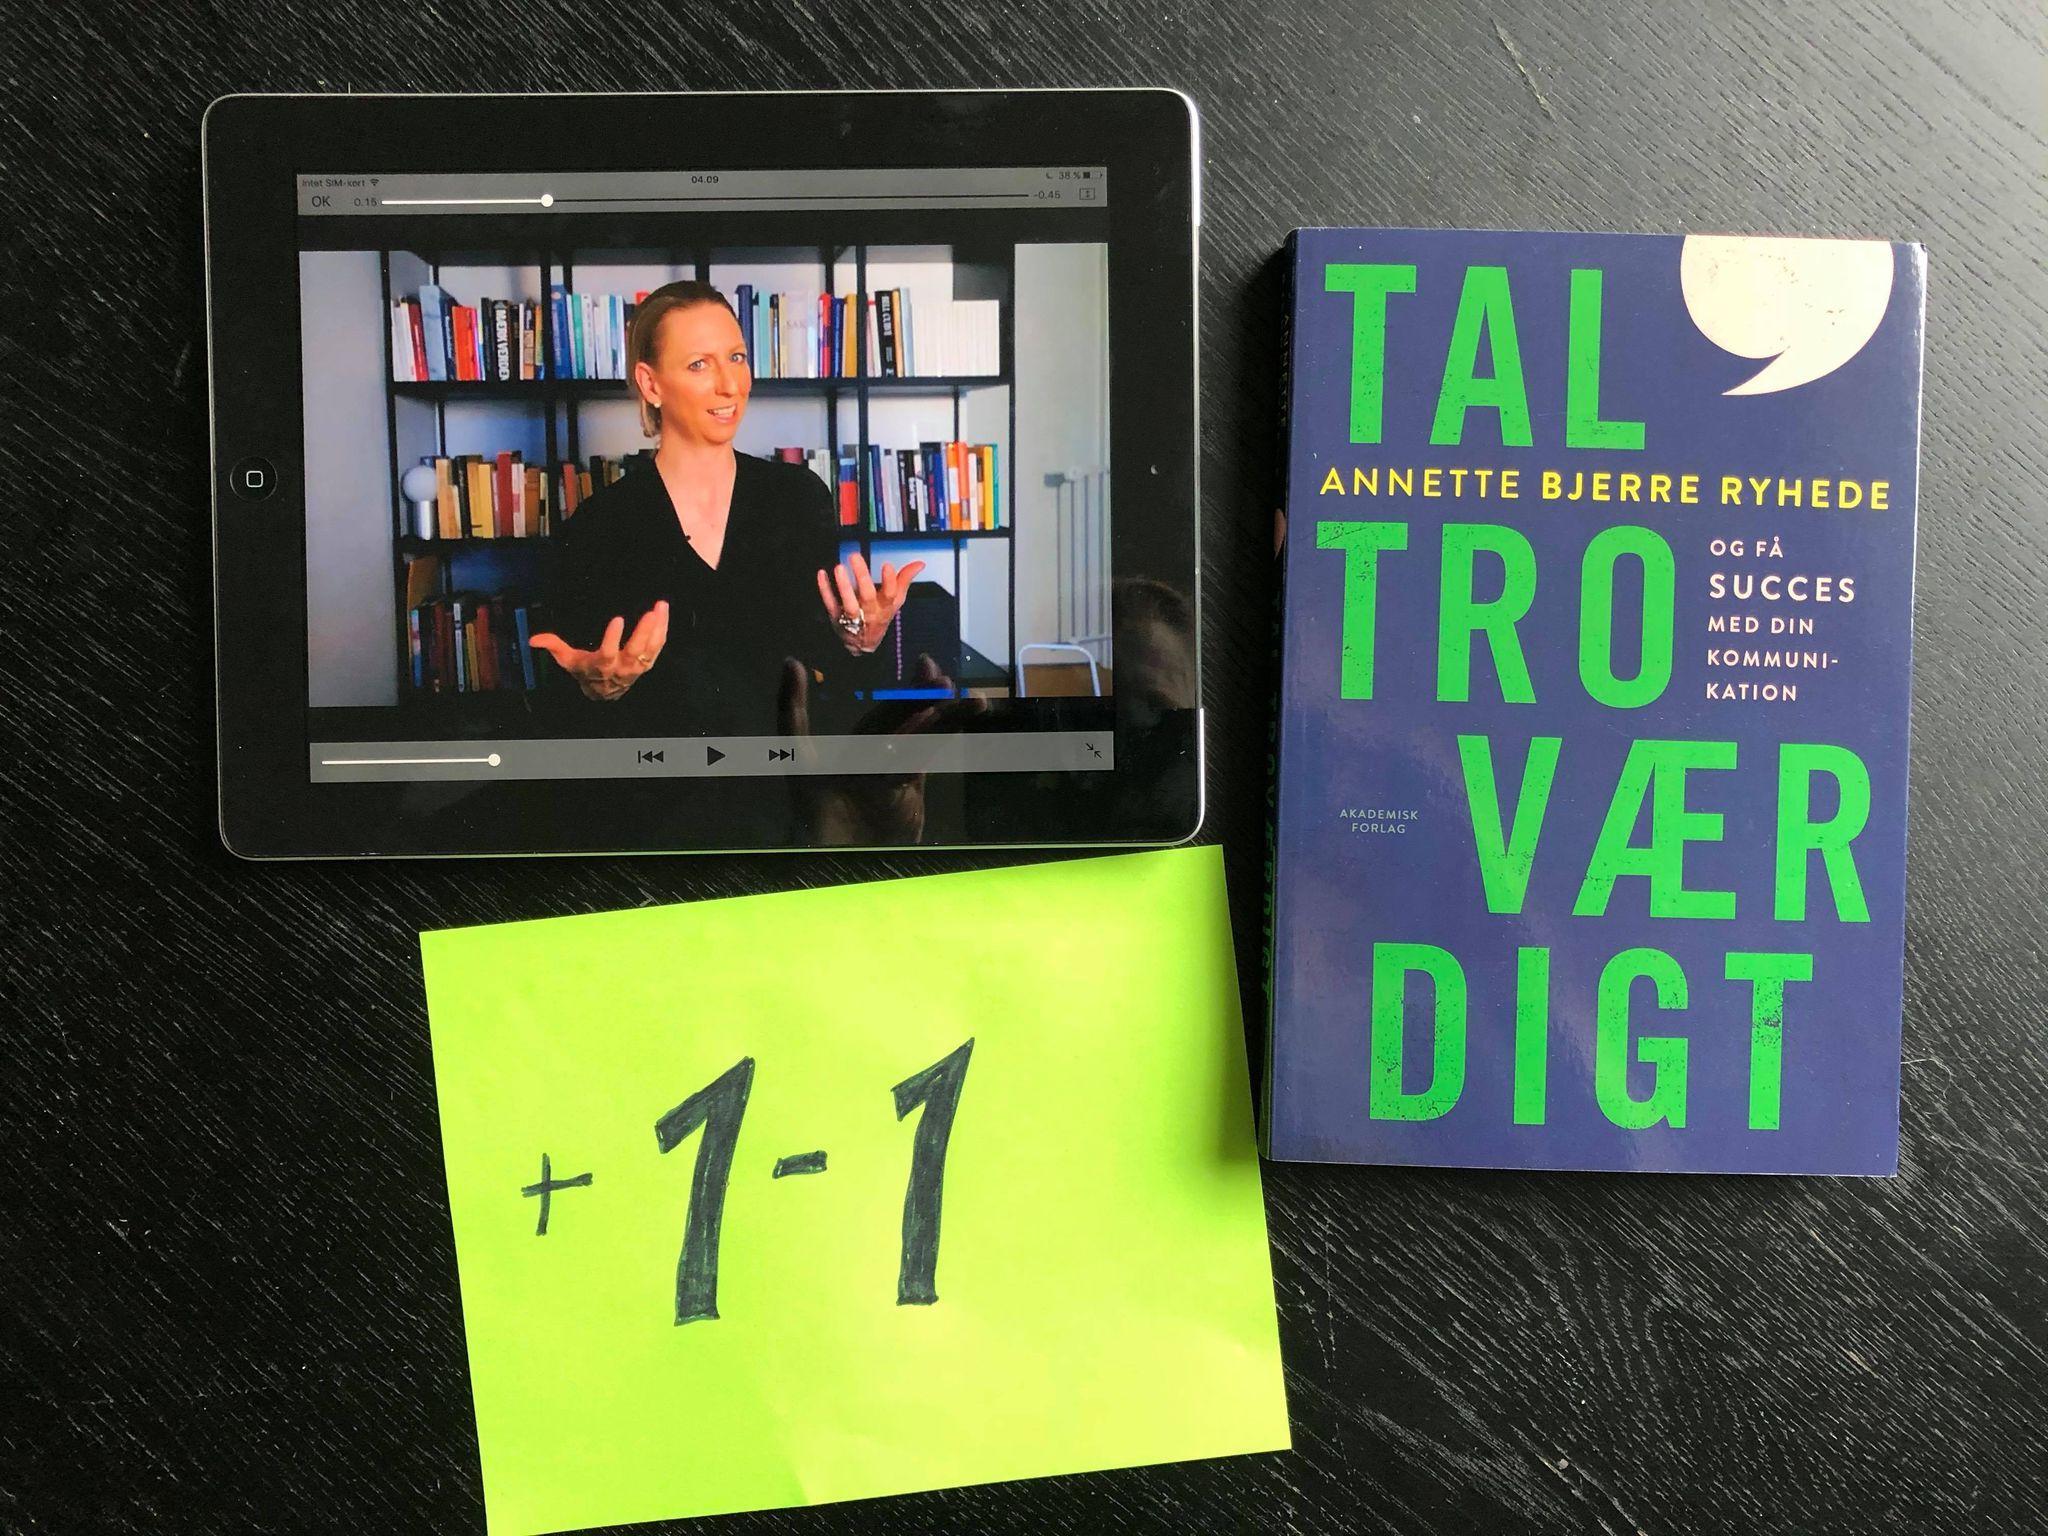 virtuelle præsentationer og onlinemøder